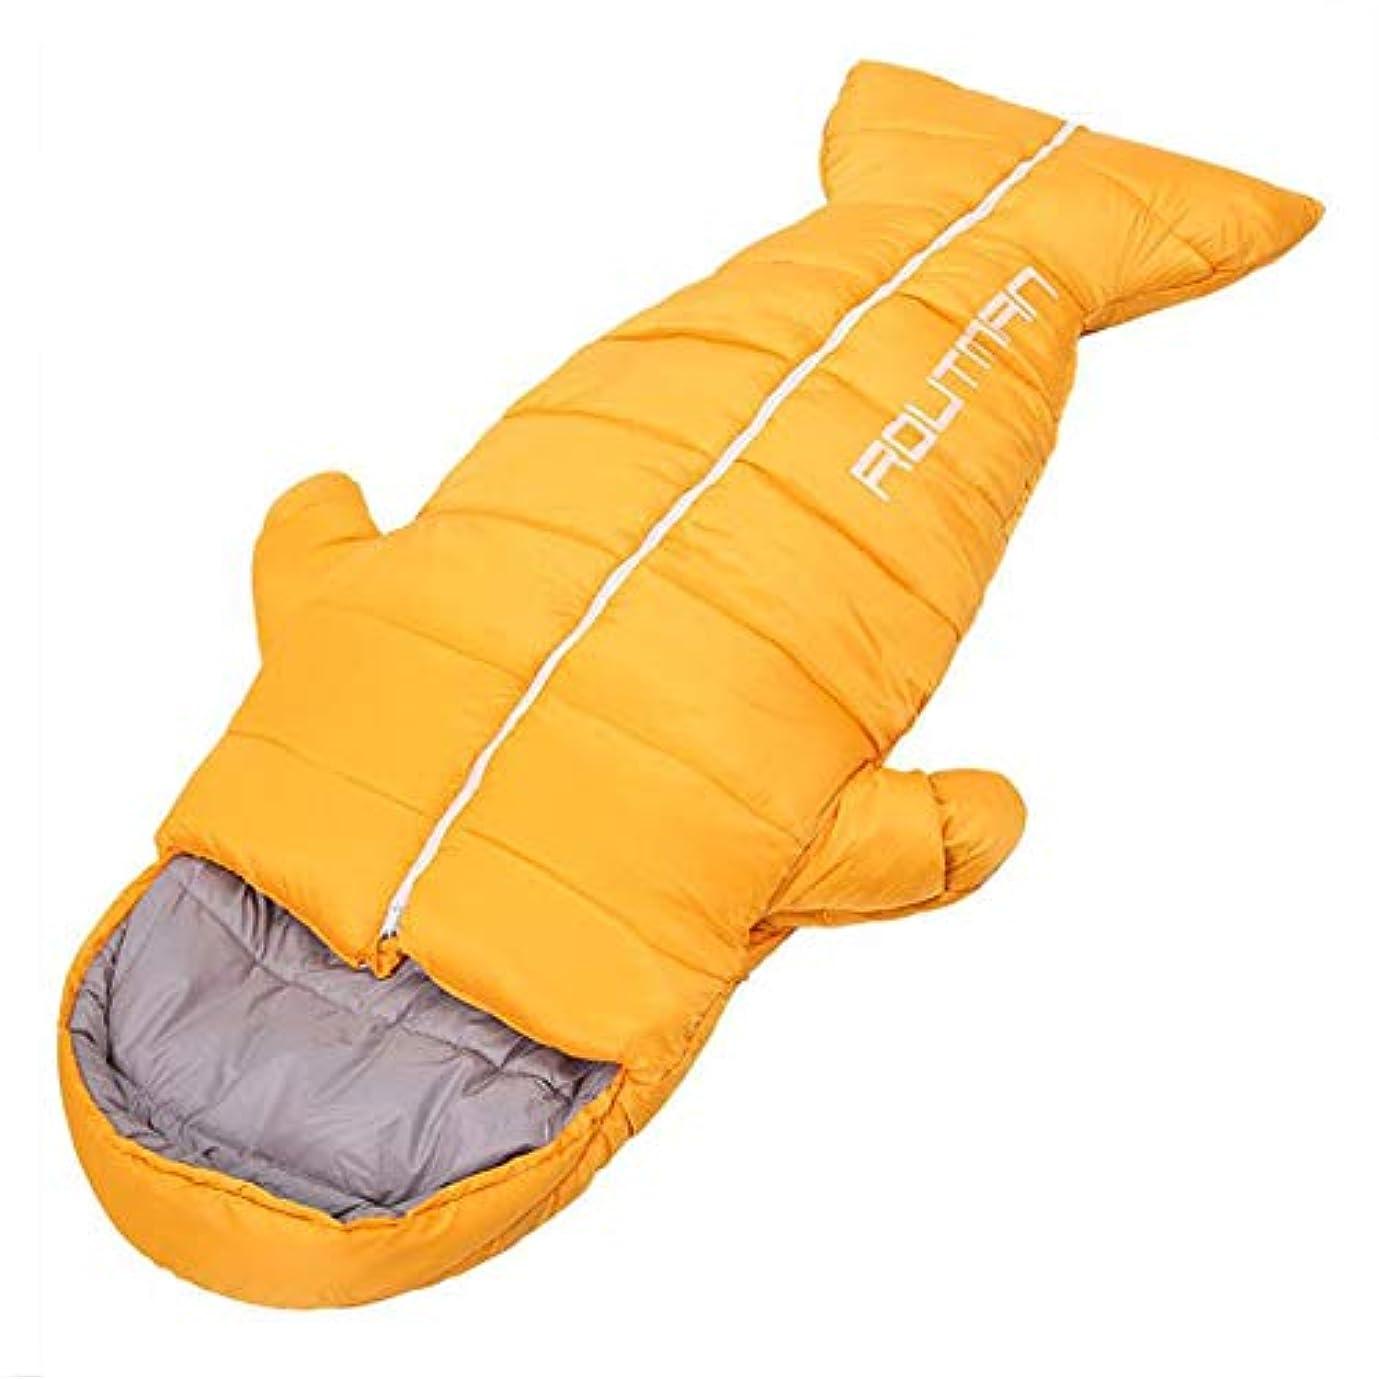 大陸娘計算可能LGFV-秋と冬の屋内暖かい超軽量ポータブル肥厚屋外寝袋大人の創造的な寝袋